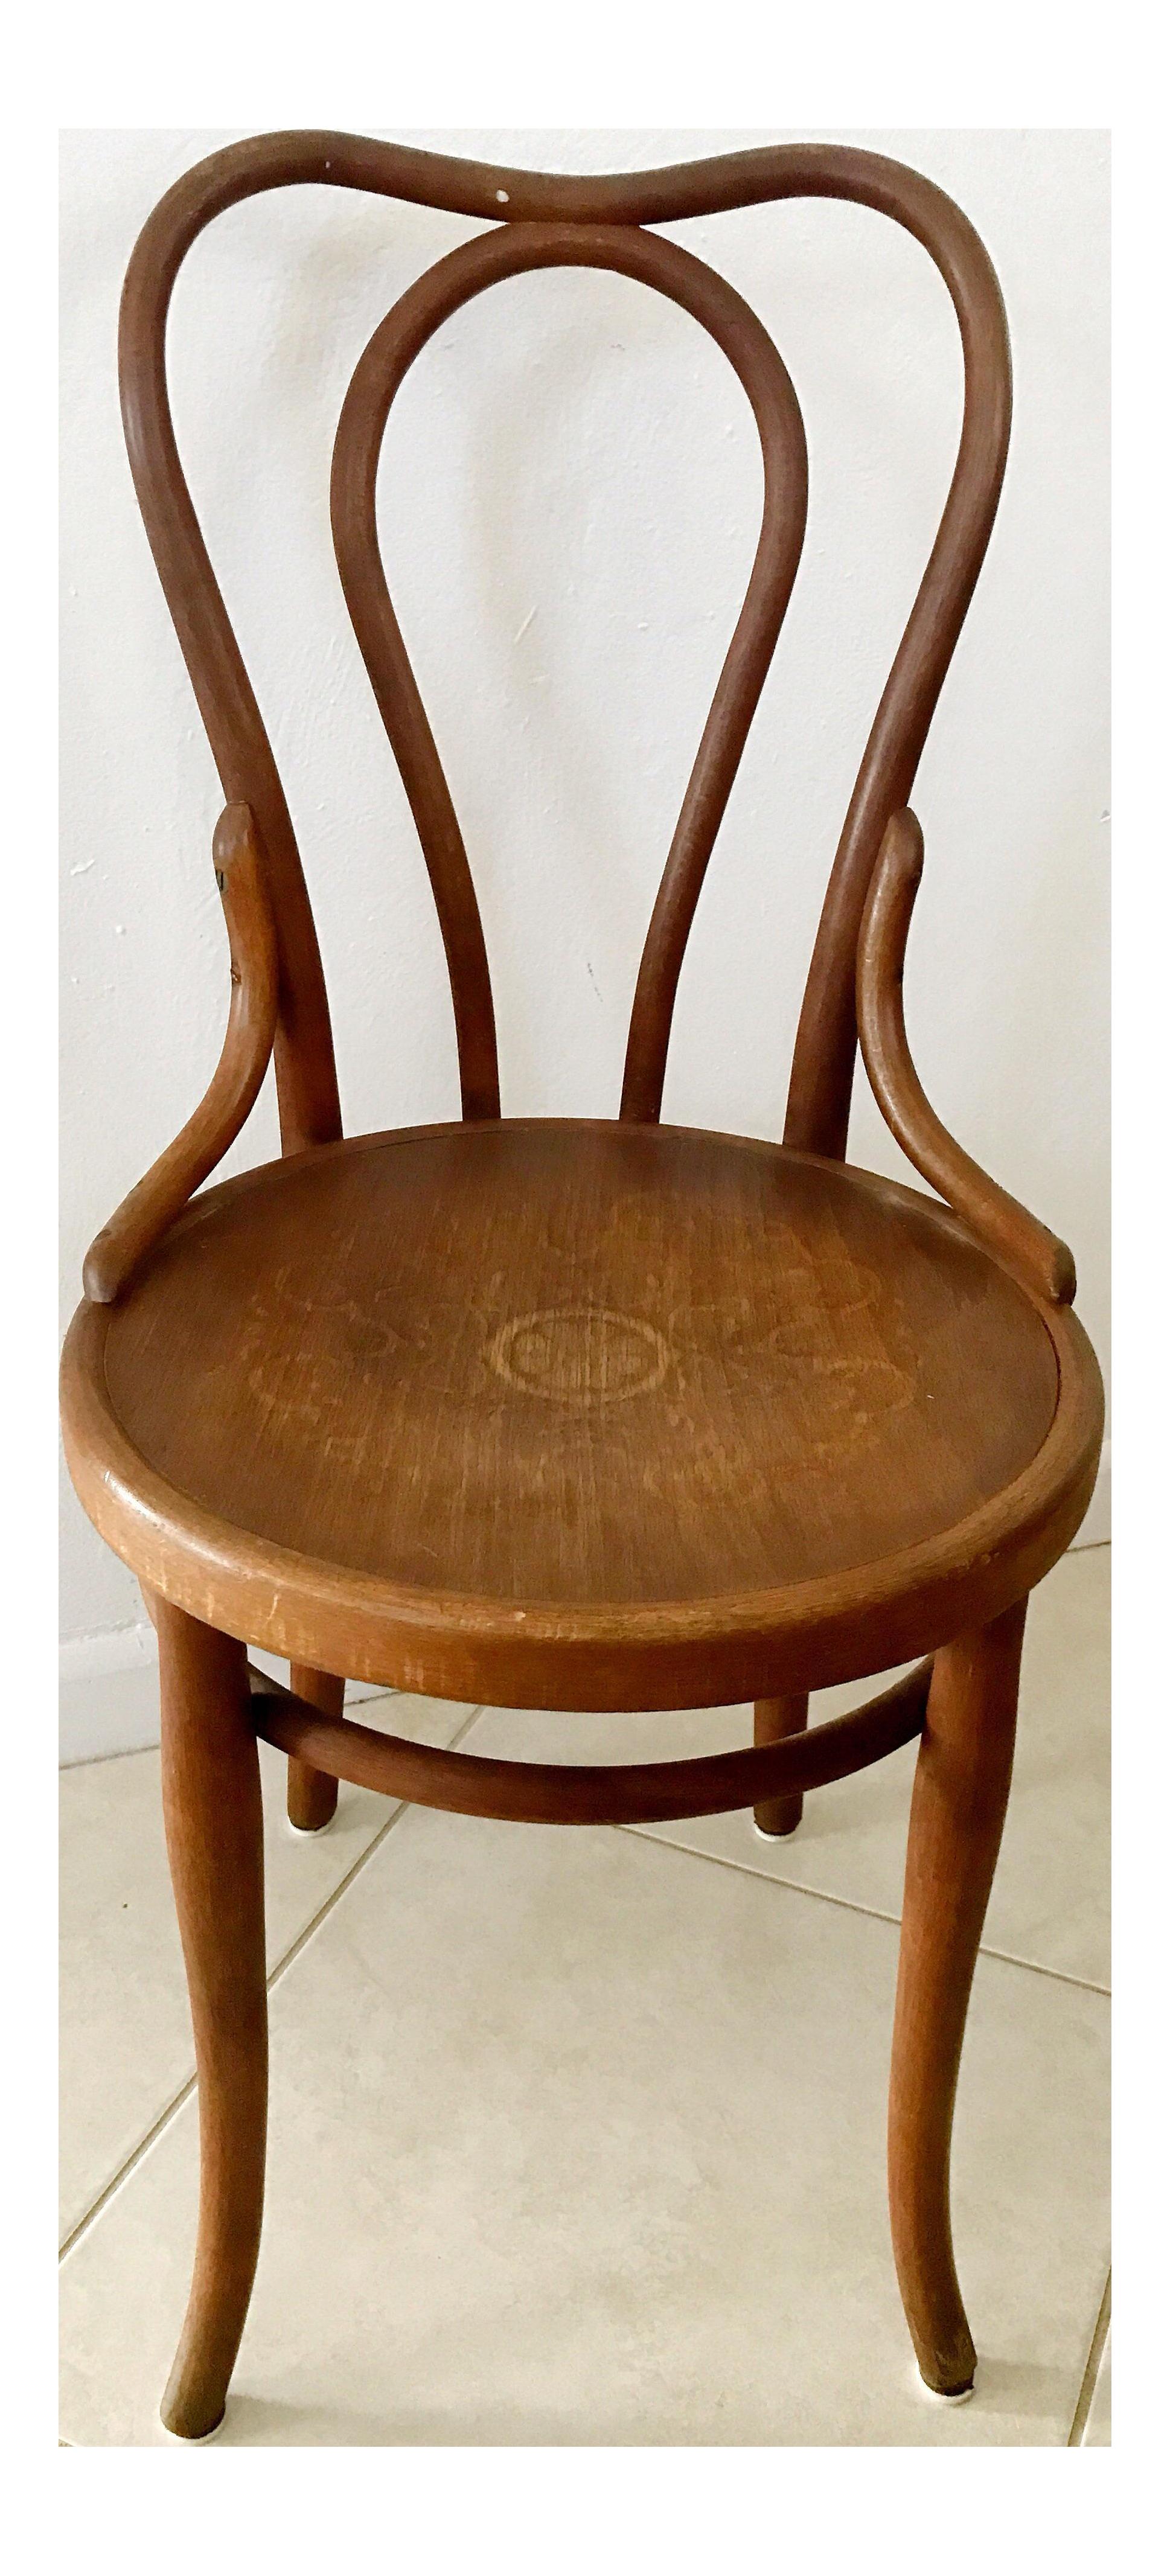 Antique fischel bentwood bistro chair on chairish